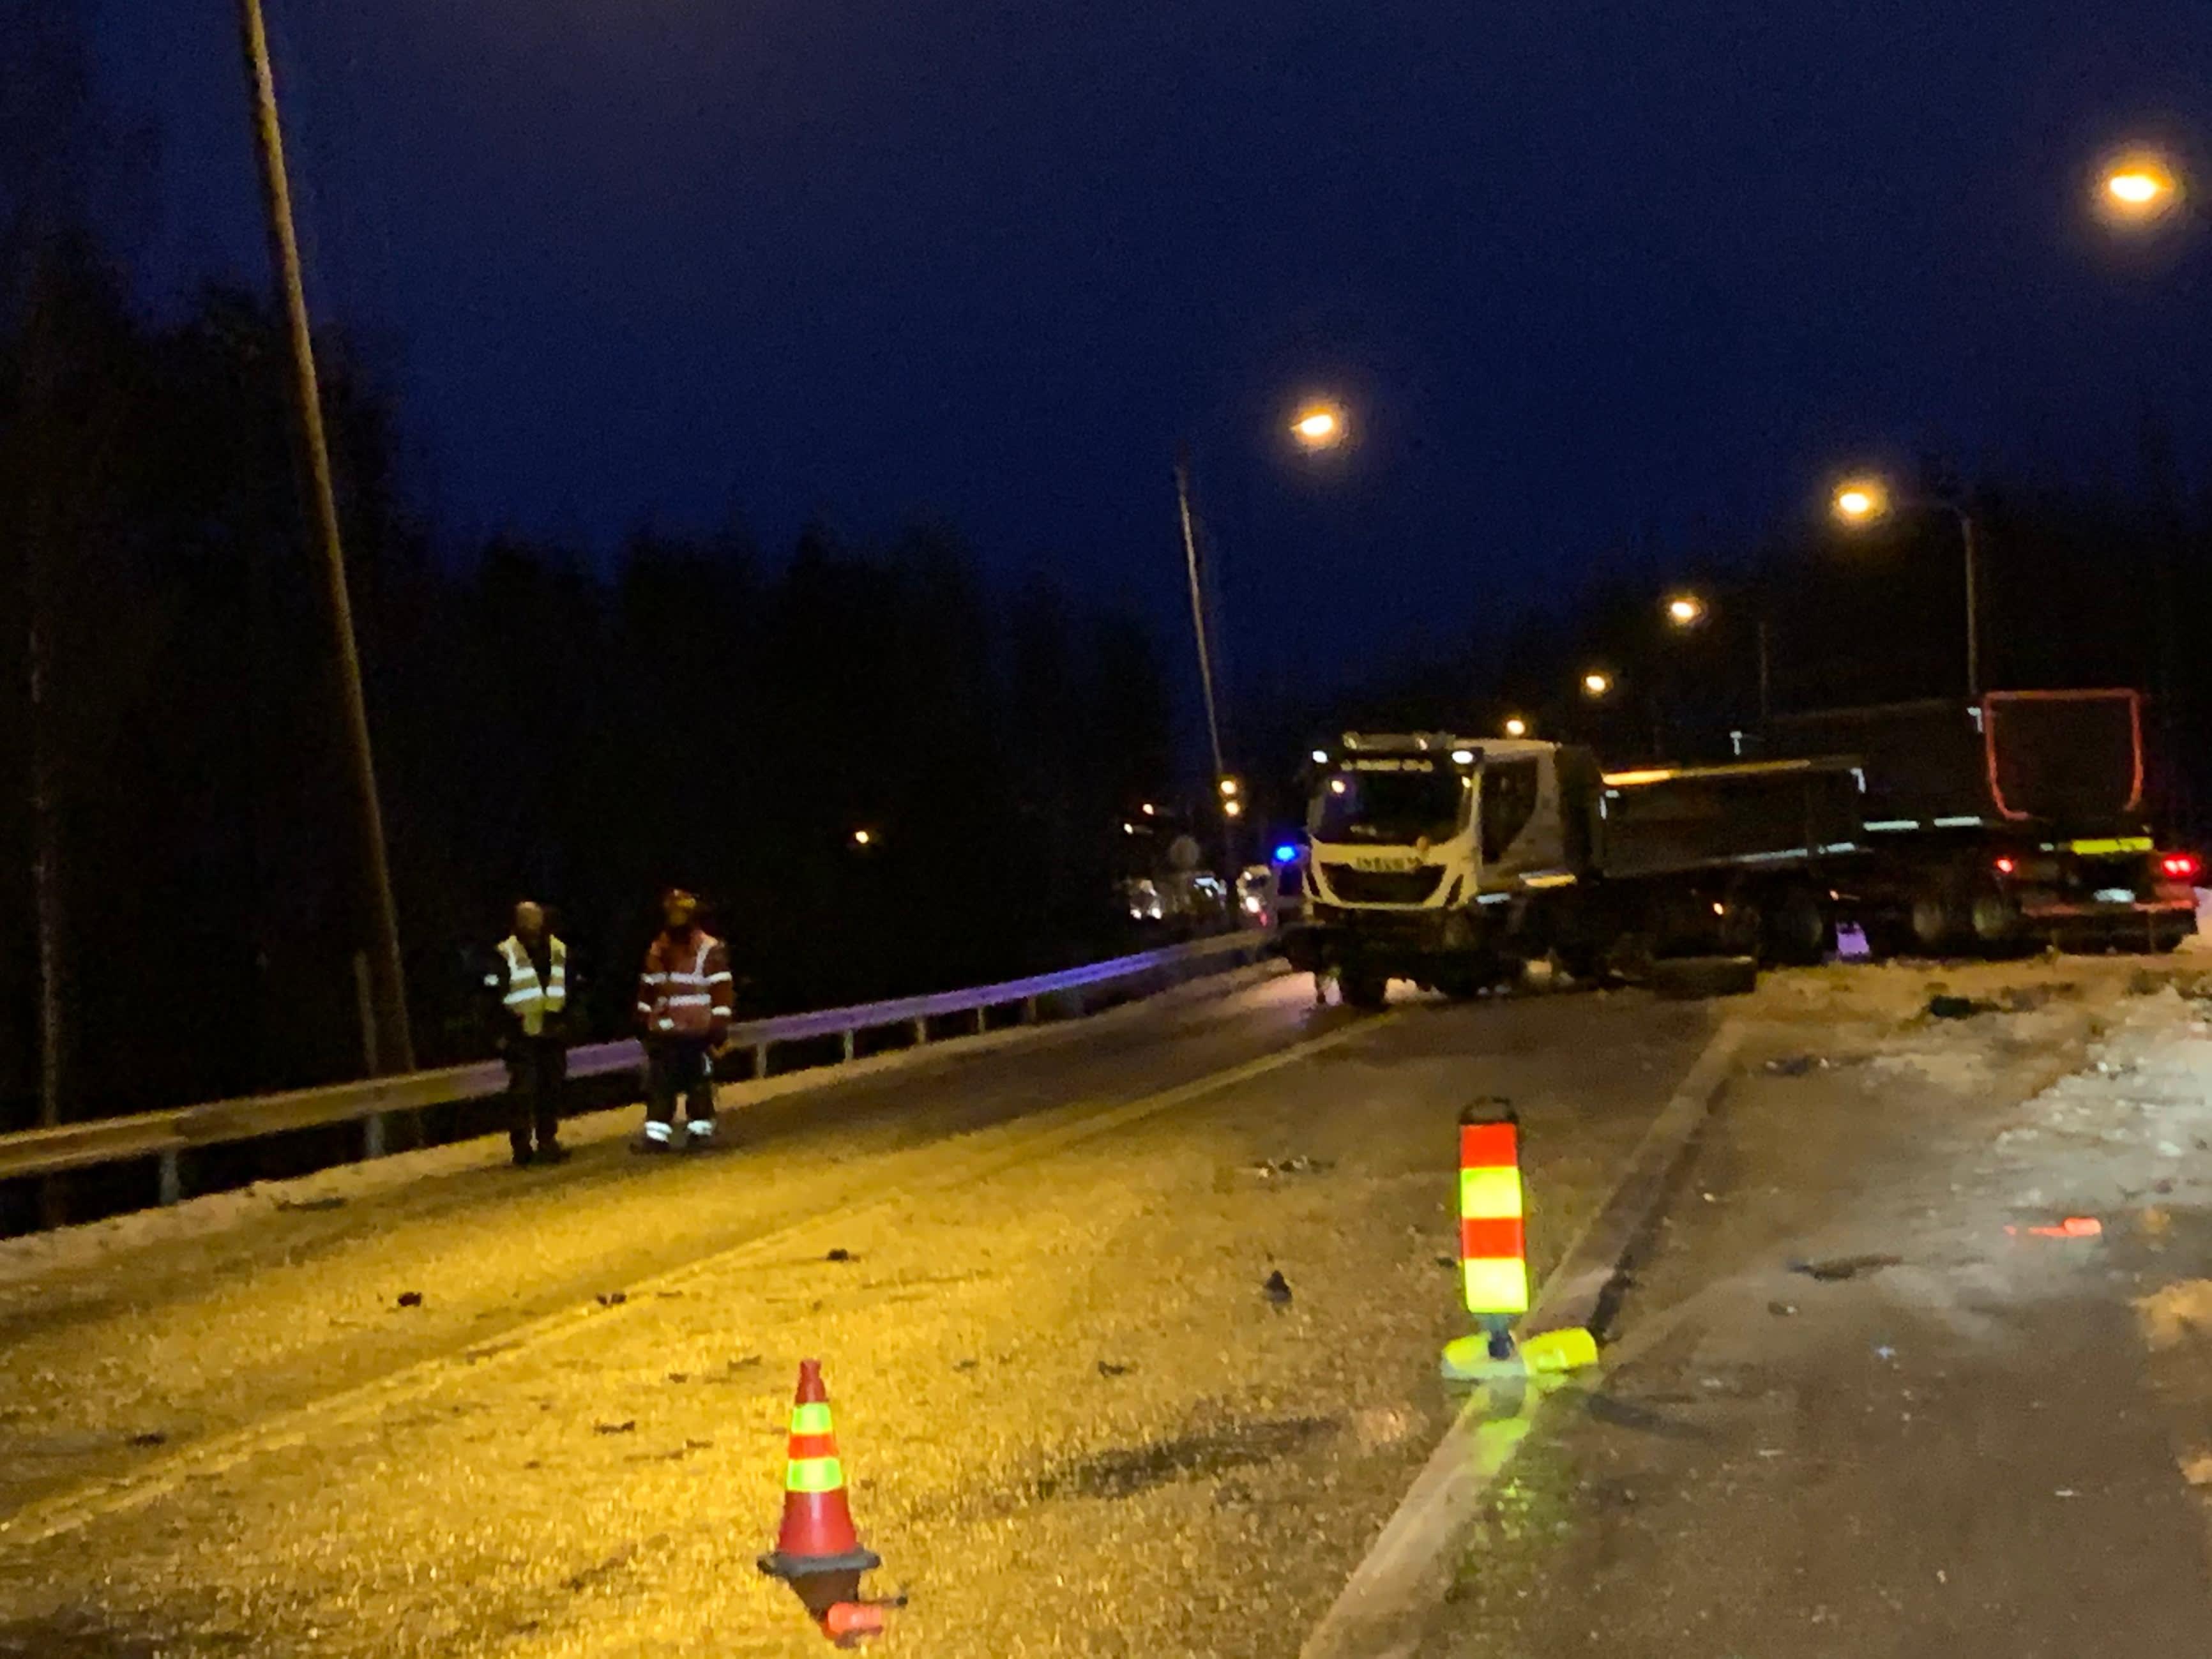 Valtatiellä 9 hieman Jyväskylästä Kuopioon päin tapahtui kuolonkolari 18.12.2019